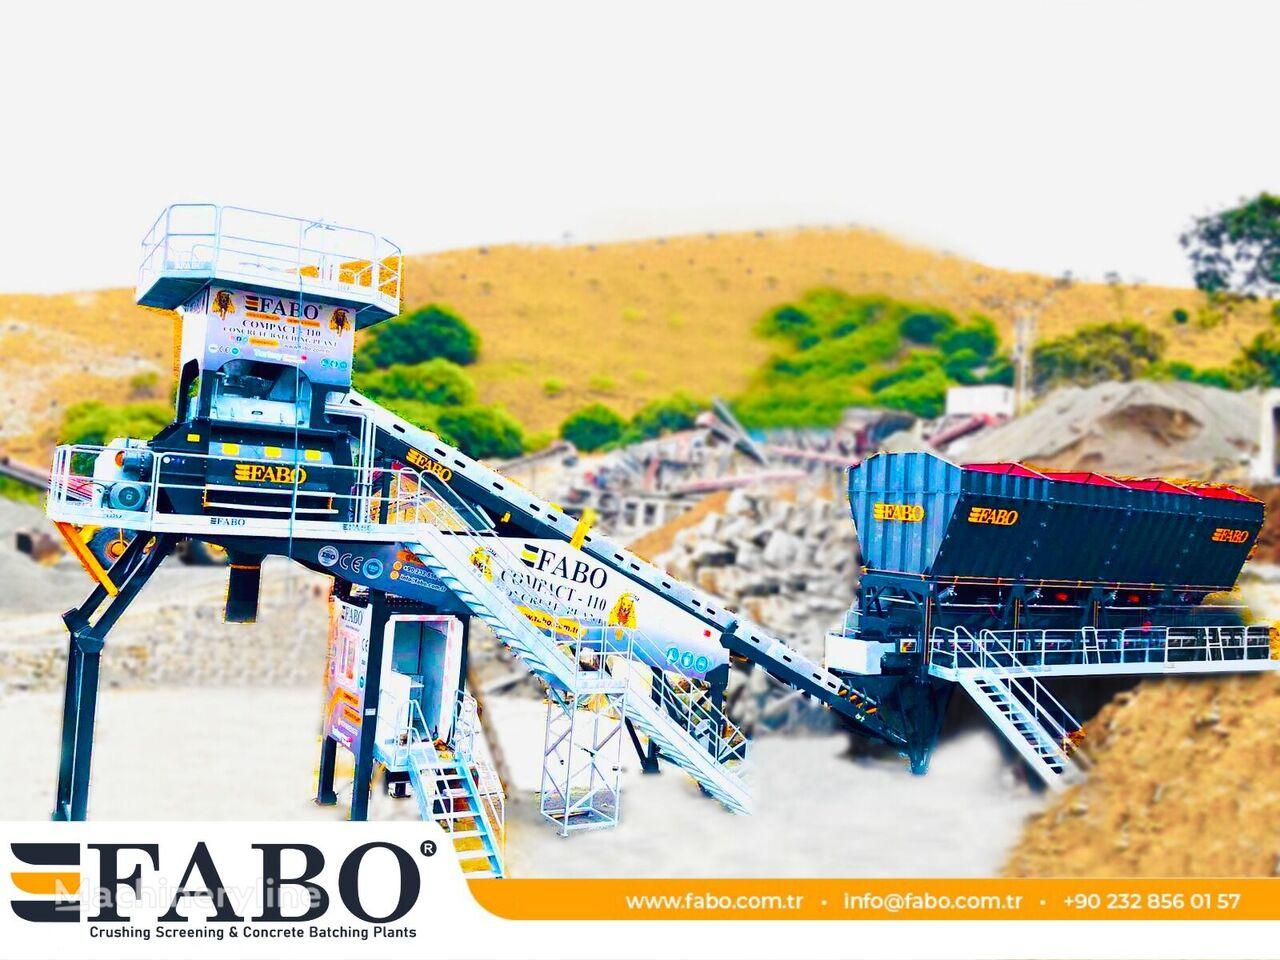 centrale à béton FABO FABOMIX COMPACT-110 CONCRETE PLANT | CONVEYOR TYPE neuve